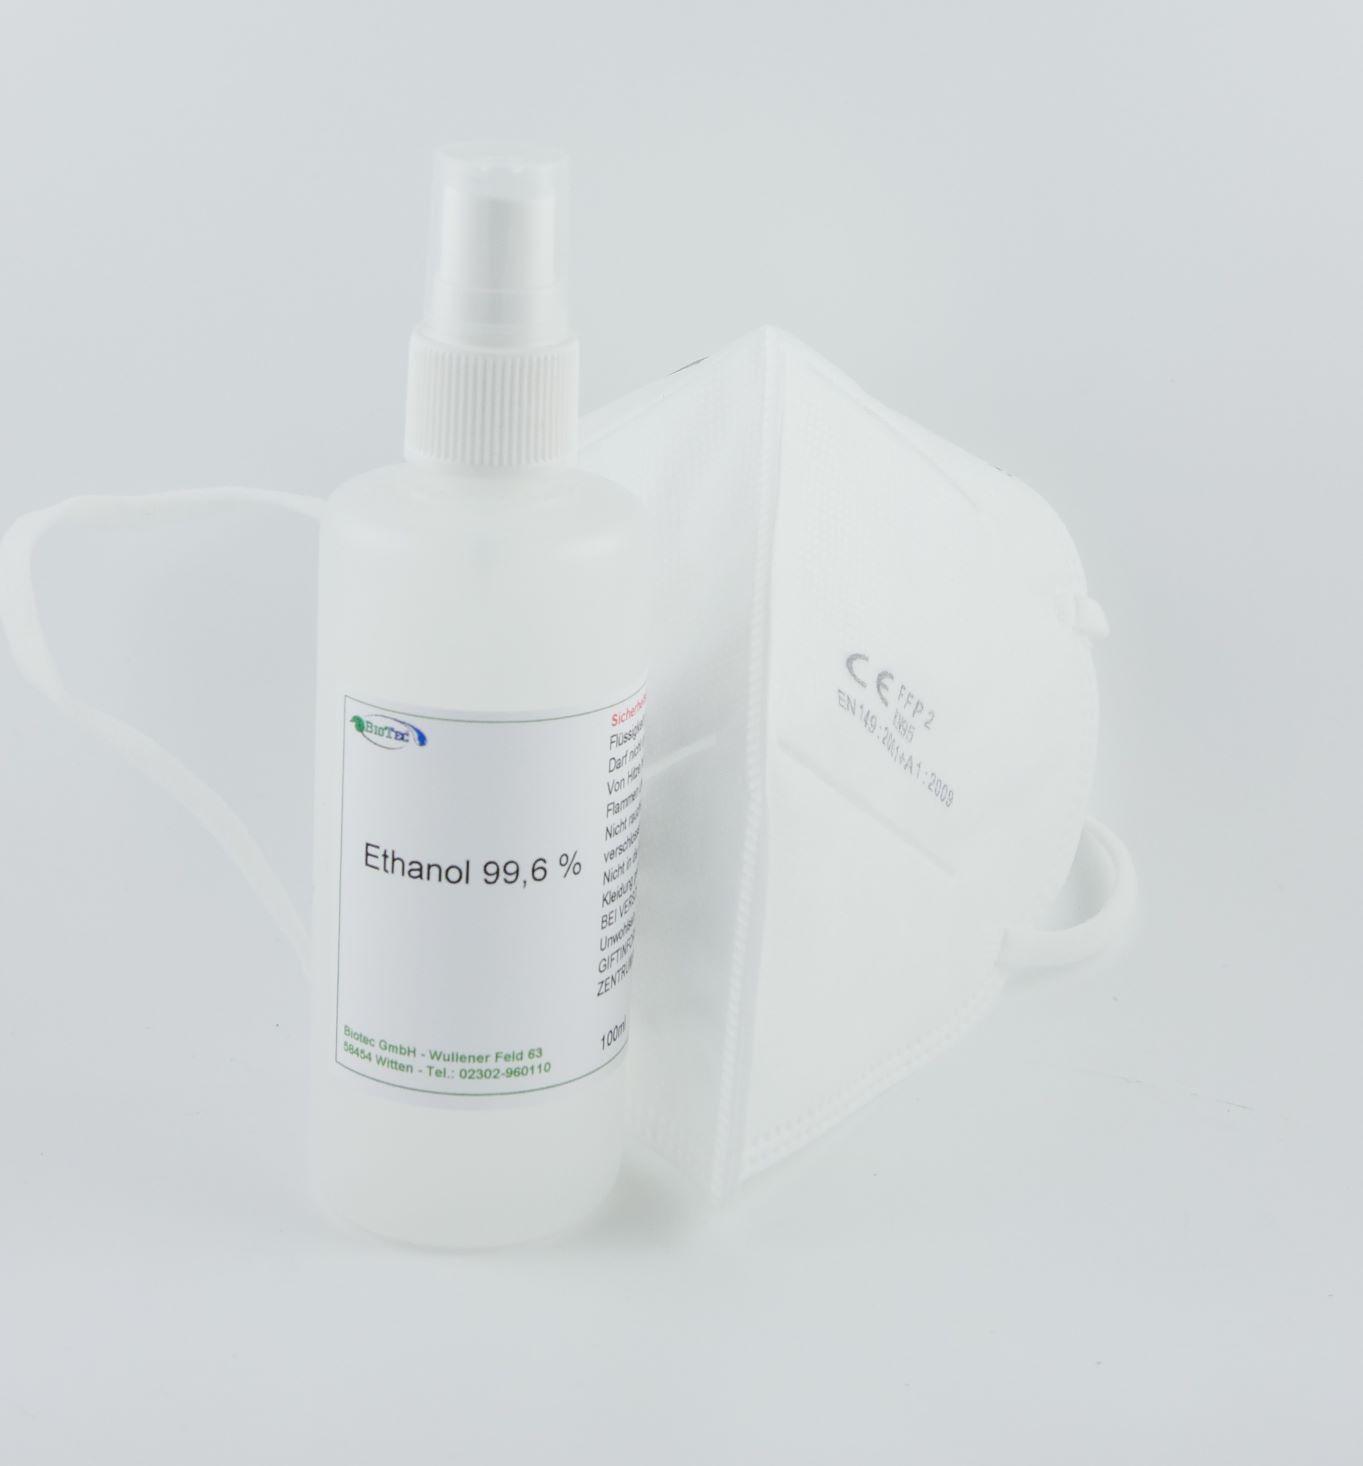 FFP2 Atemschutzmaske zertifiziert nach FFP2-Norm gefaltet 1 Stück + 100ml Ethanol